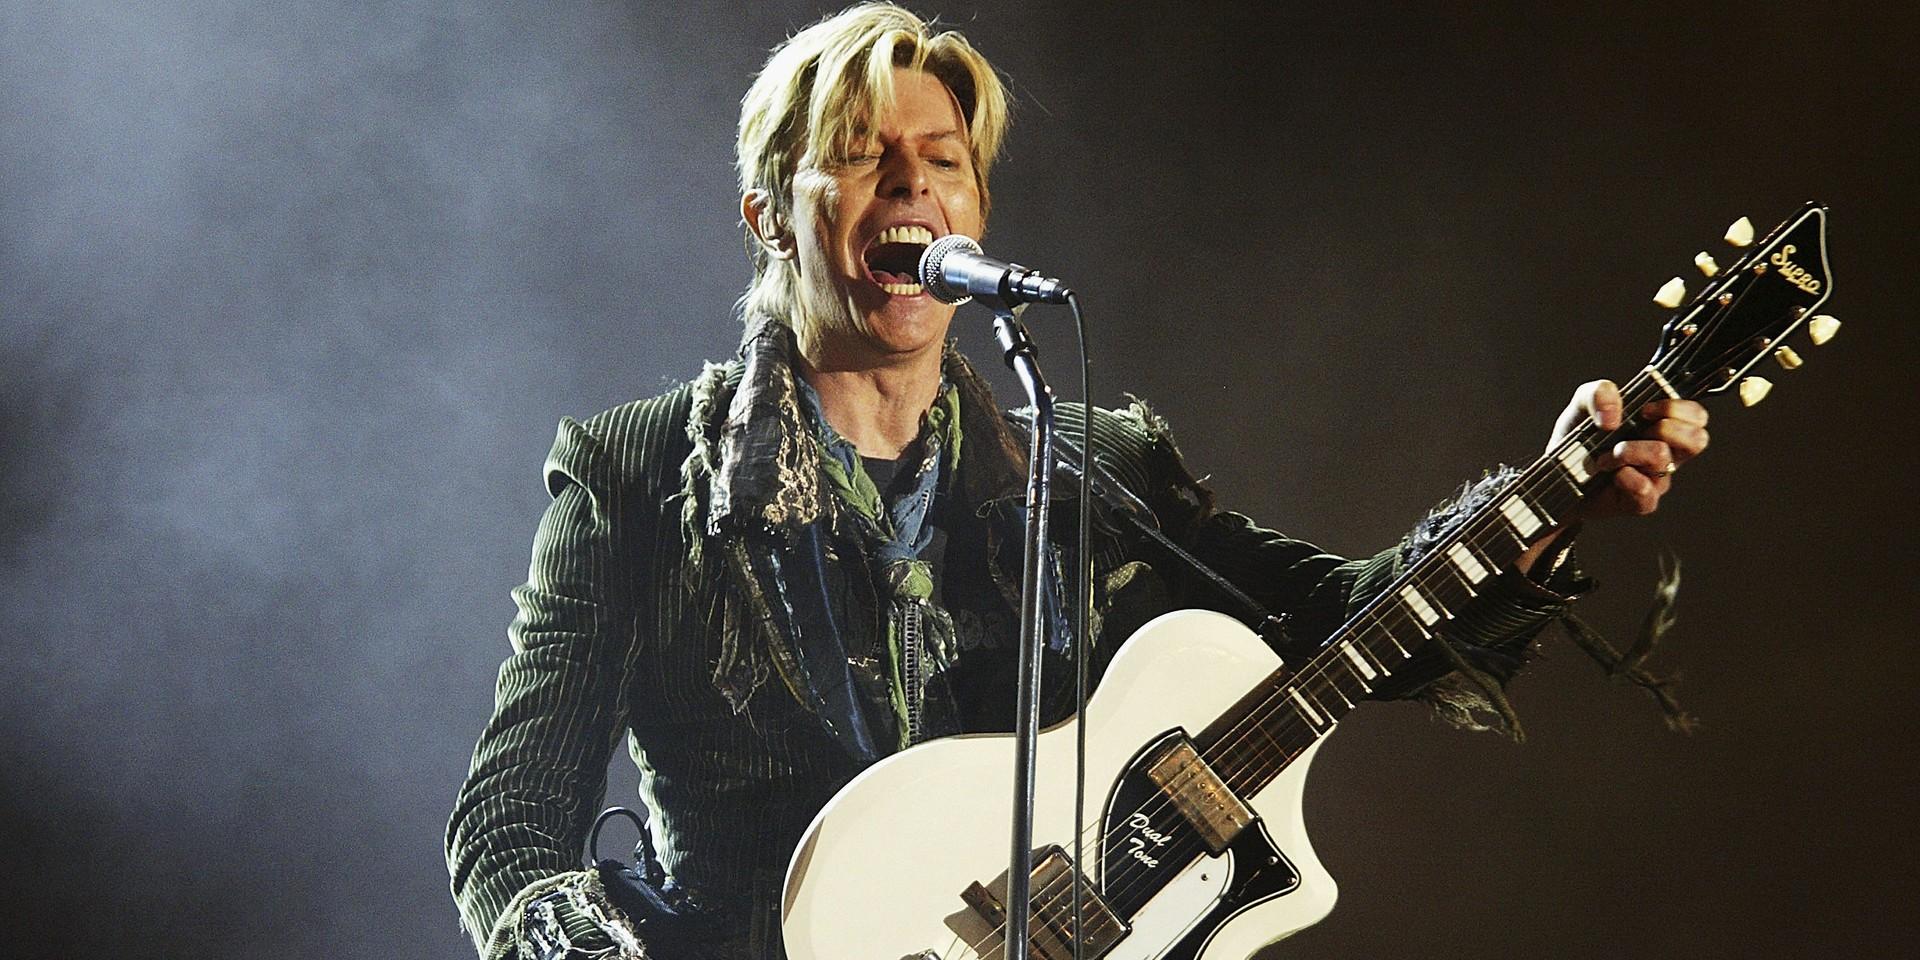 BREAKING: David Bowie has passed away